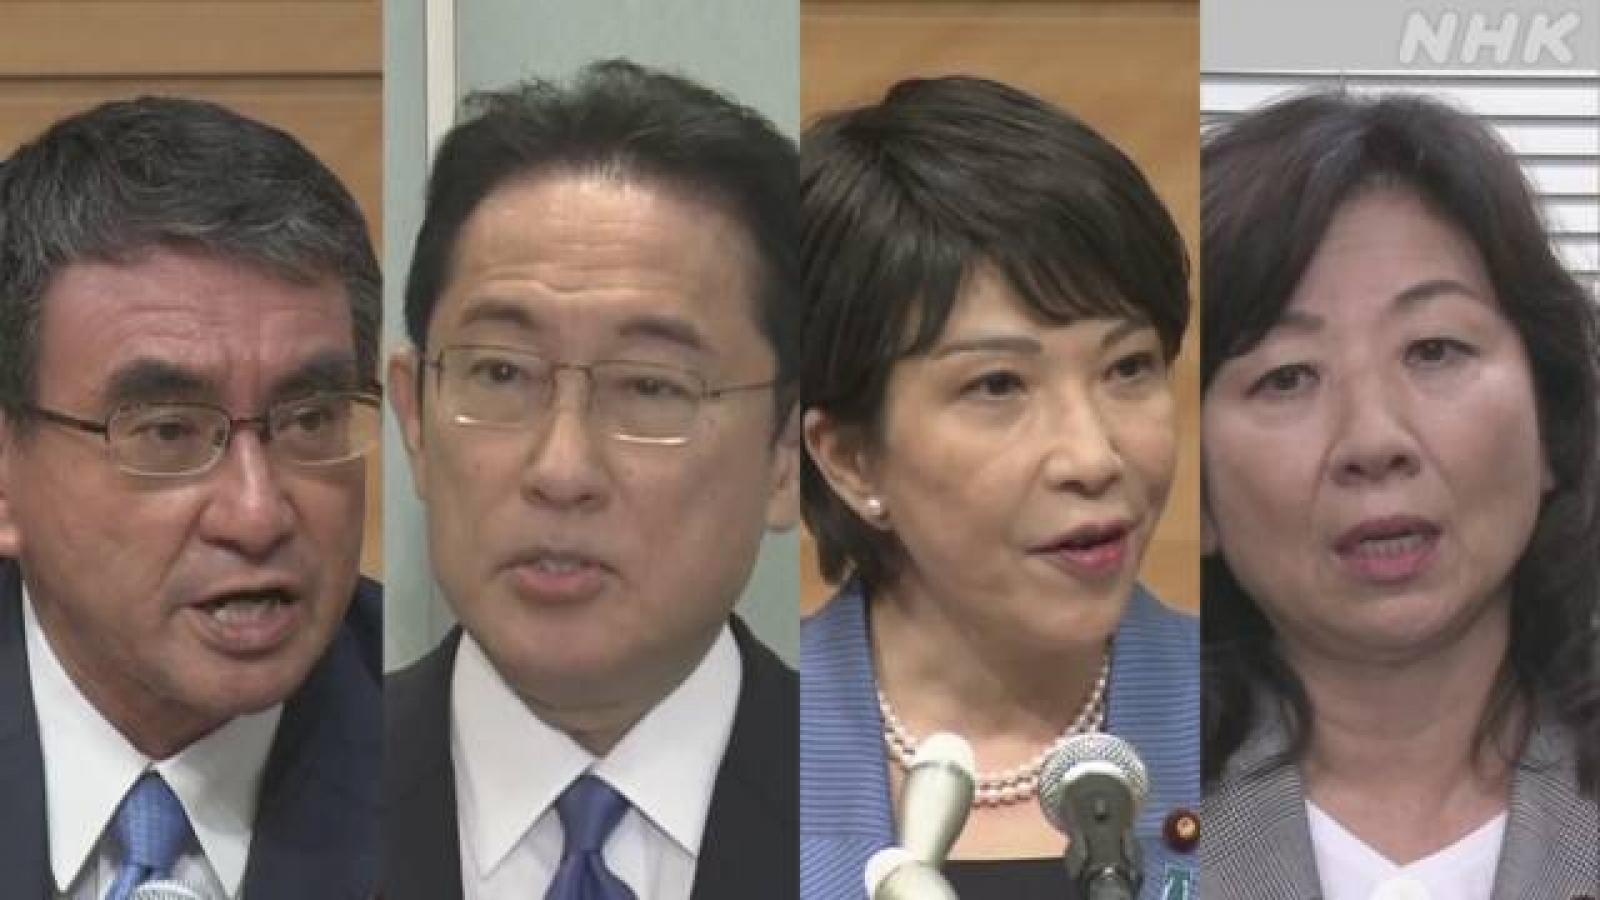 Ưu, nhược điểm của các ứng cử viên Thủ tướng Nhật Bản